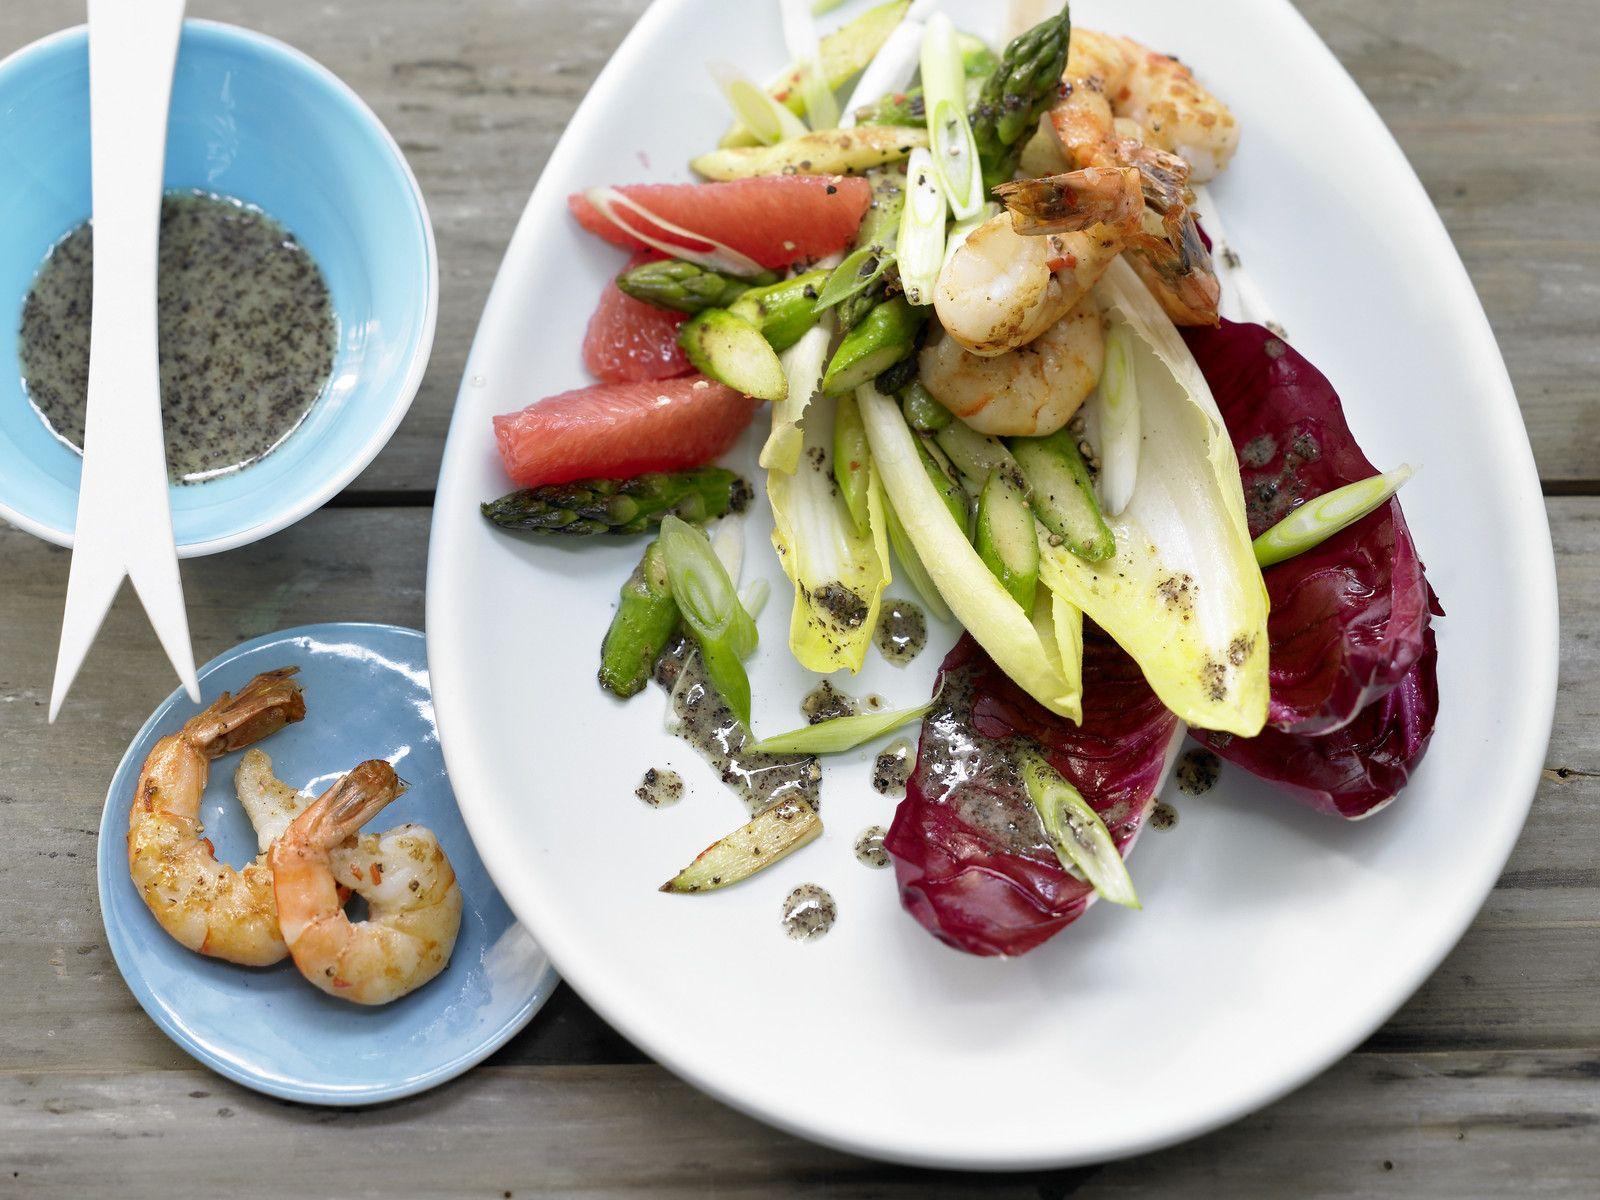 Chicorée-Garnelen-Salat mit Spargel, Grapefruits und Mohn-Vinaigrette